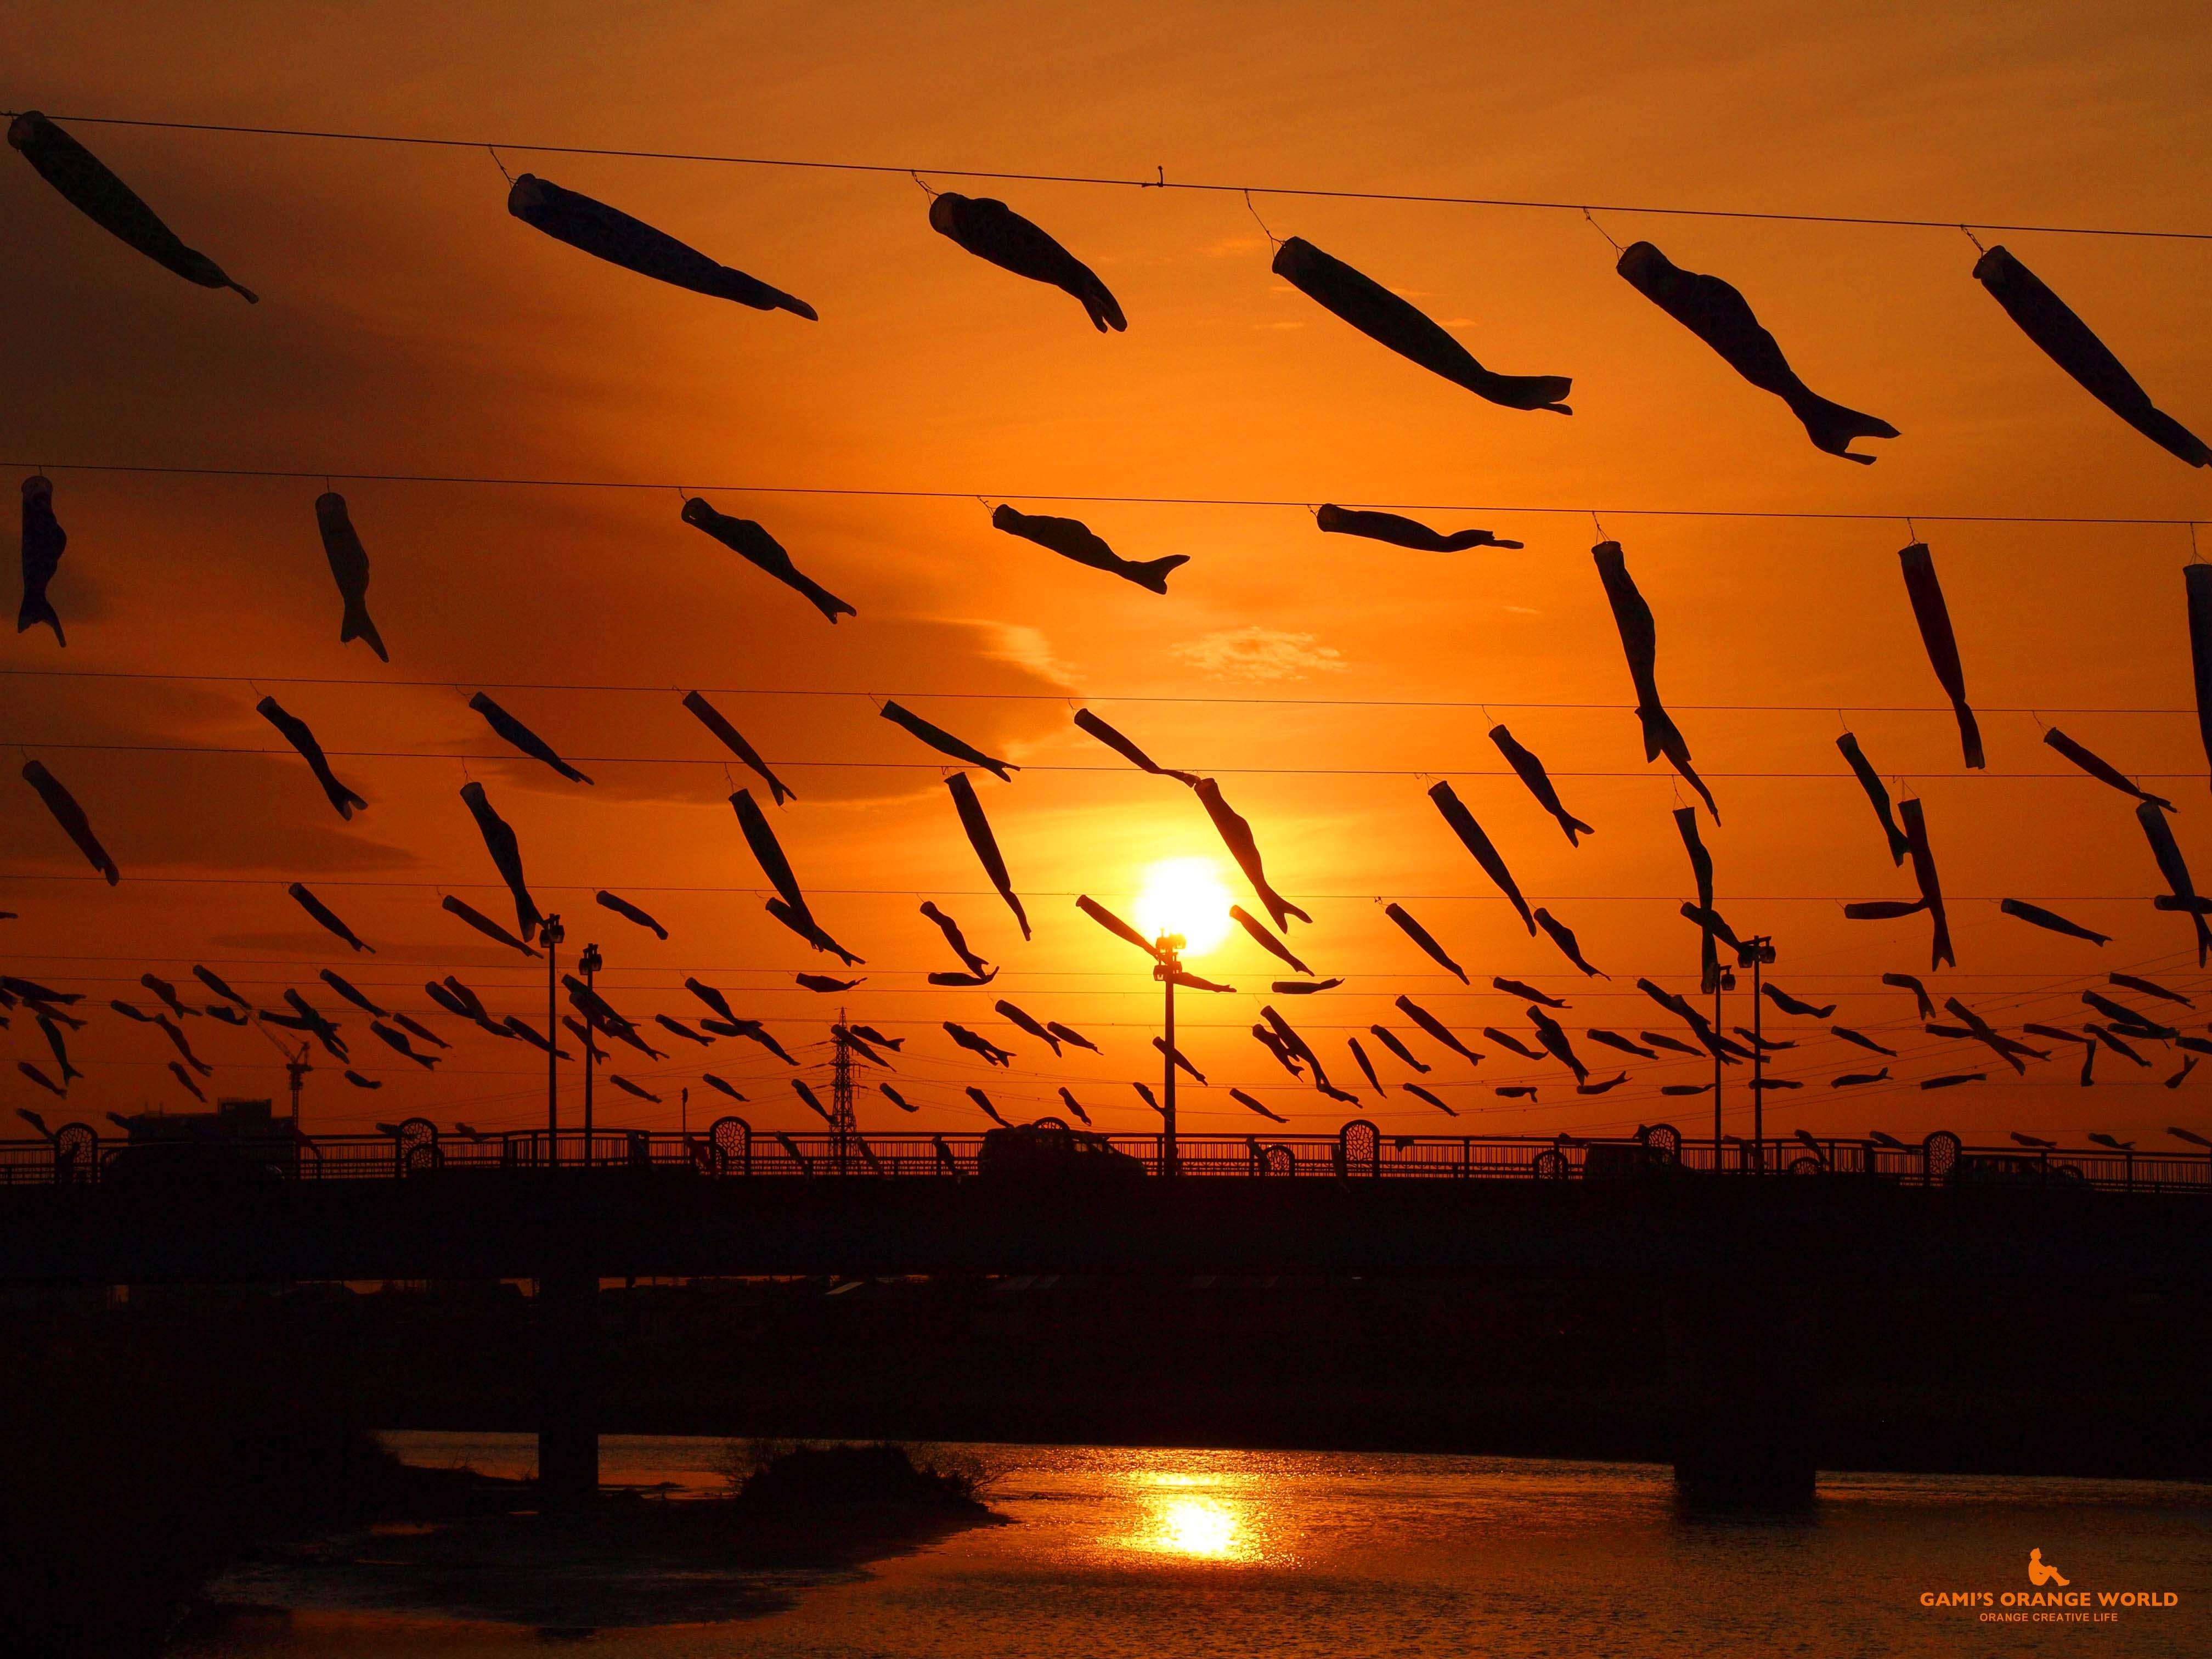 0586夕焼けを泳ぐ鯉のぼり横 のコピー.jpg